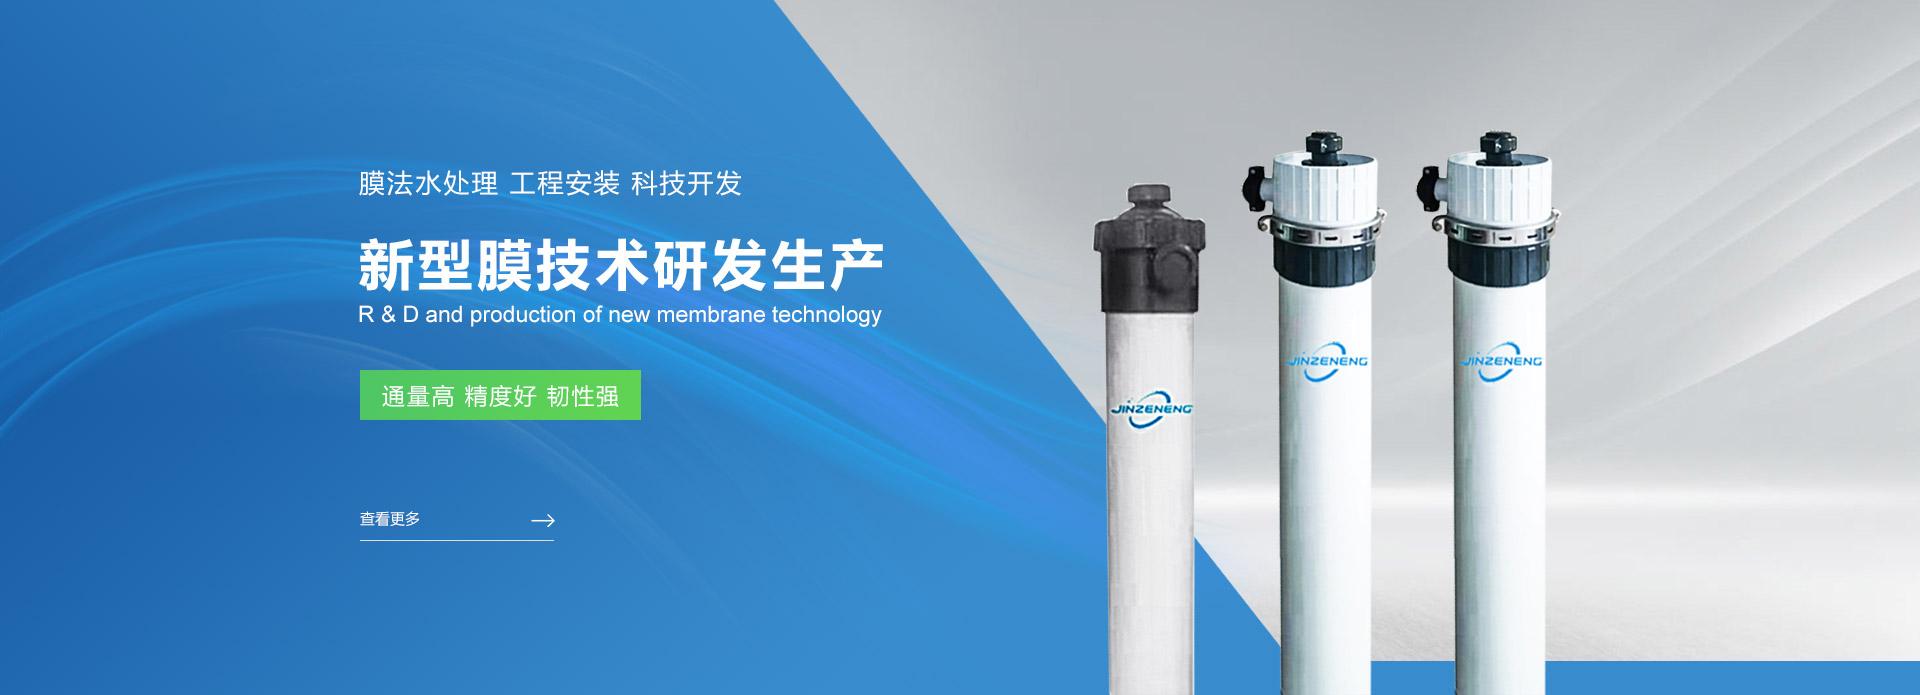 山东超滤膜厂家新型膜技术研发生产-山东金泽能膜